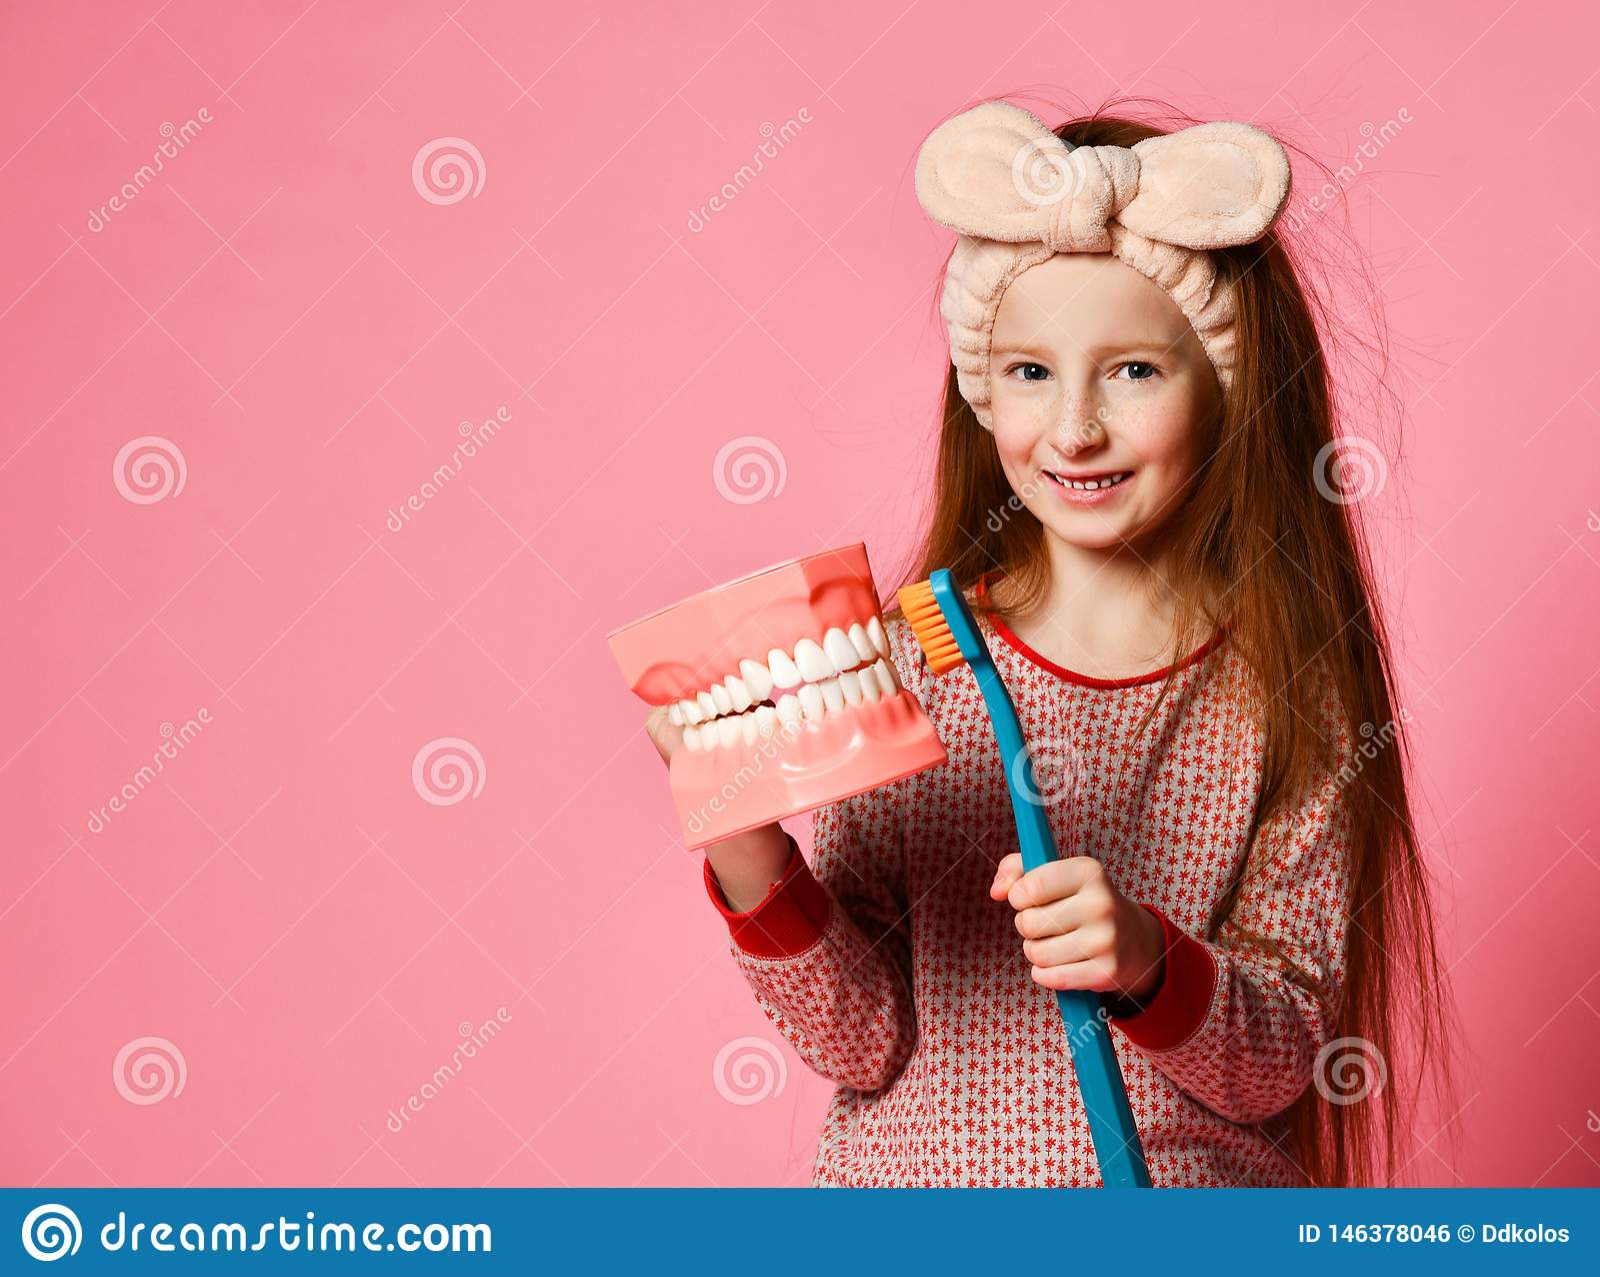 Зубоврачебная гигиена счастливая маленькая милая девушка с зубными щетками